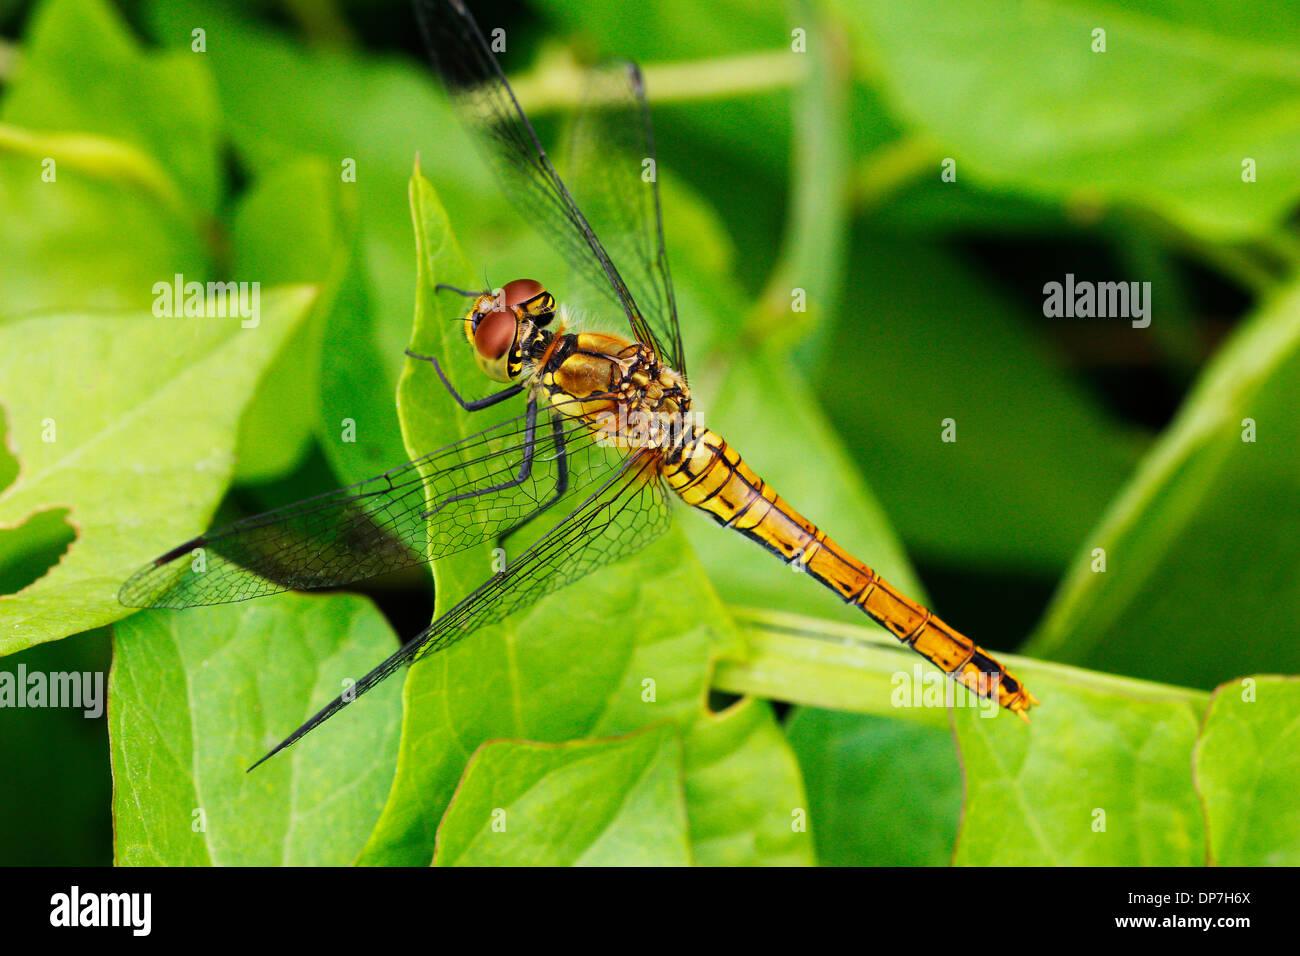 Una fotografia macro di un comune Darter Dragonfly appoggiata su una foglia sui livelli di Somerset nei mesi estivi bellissima. Immagini Stock